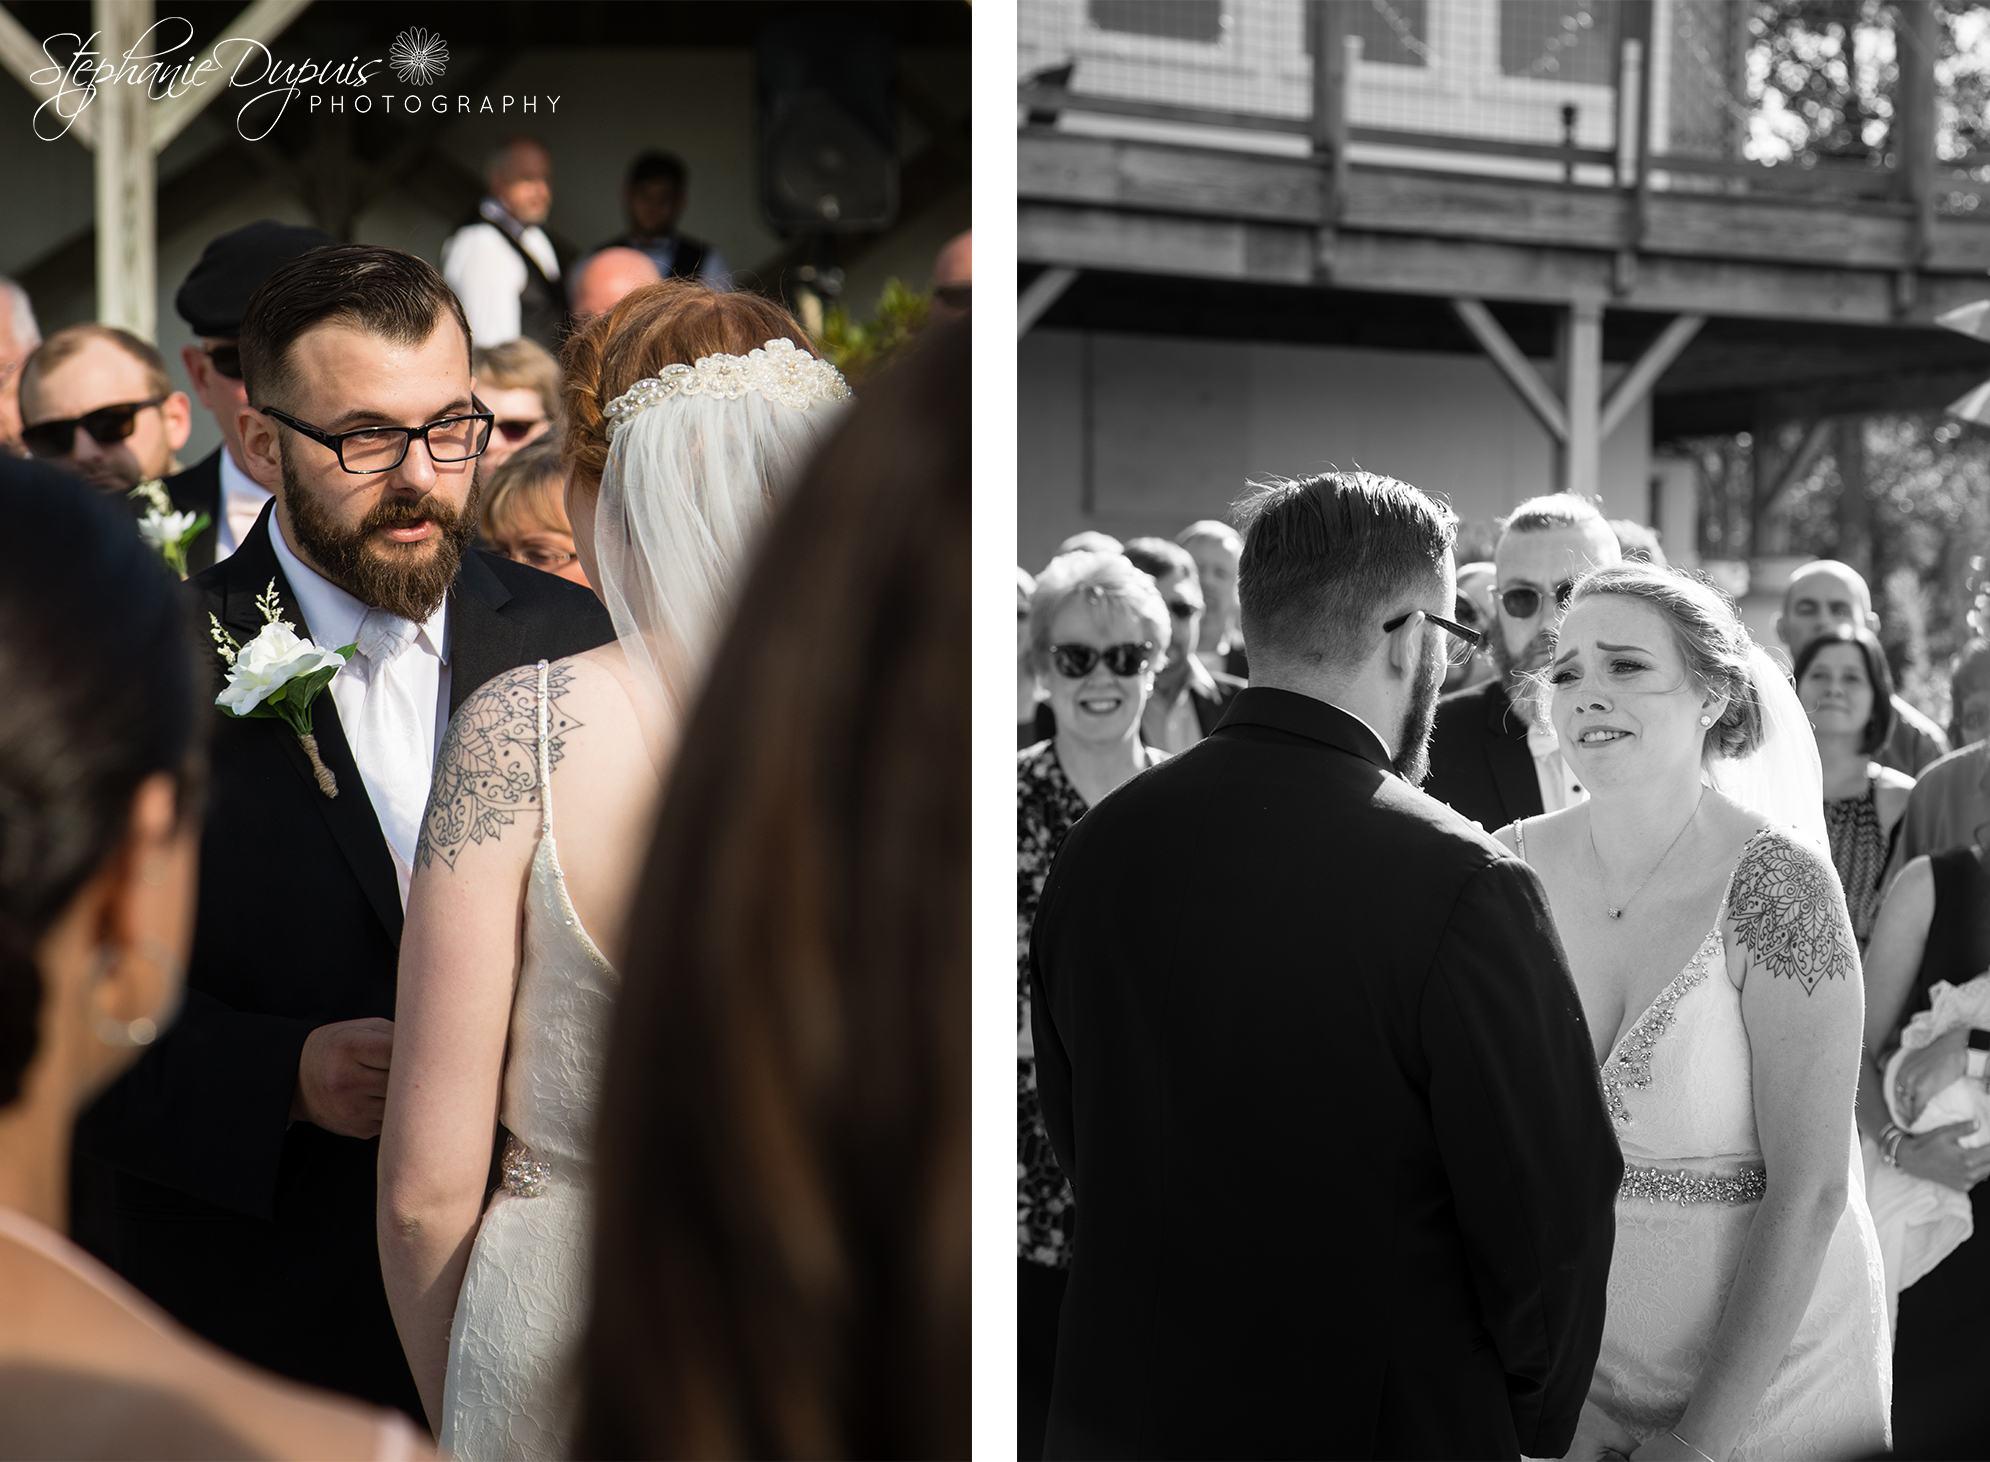 Gaffney 20 - Portfolio: Gaffney Wedding